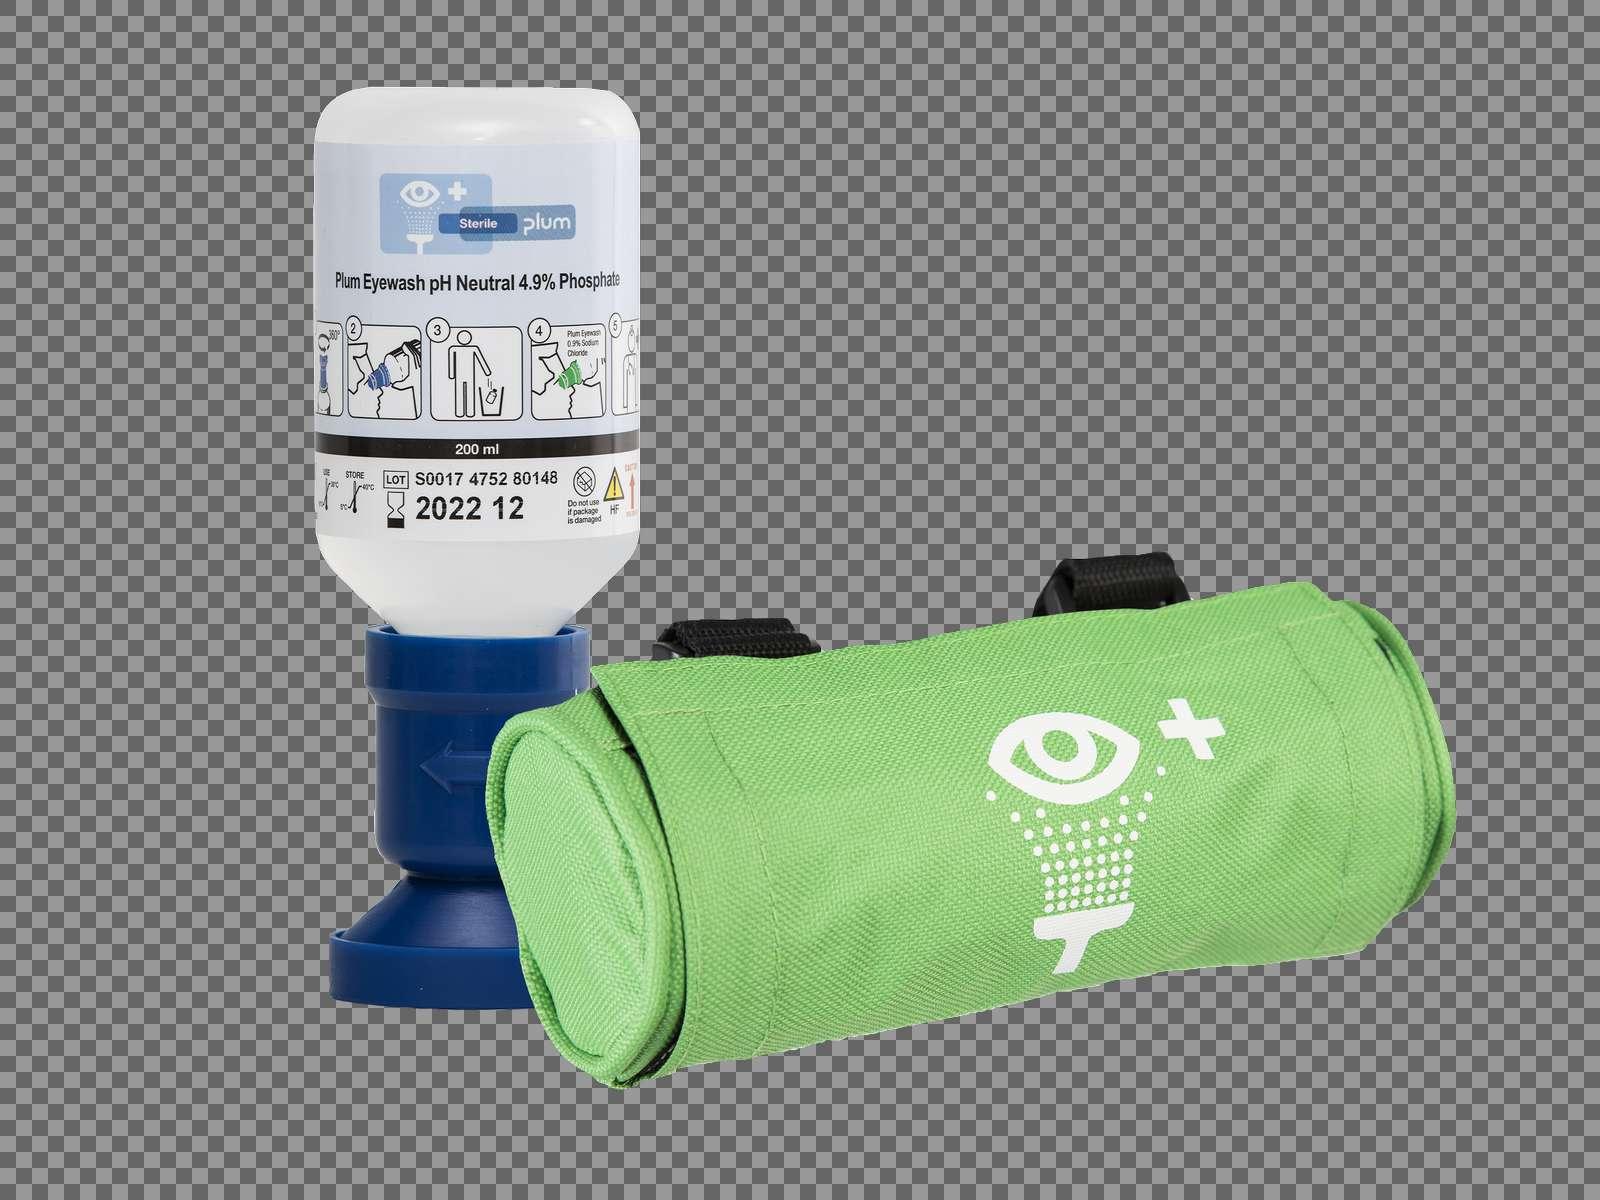 Plum Augenspülflasche pH Neutral 4.9% Phosphate 200 ml